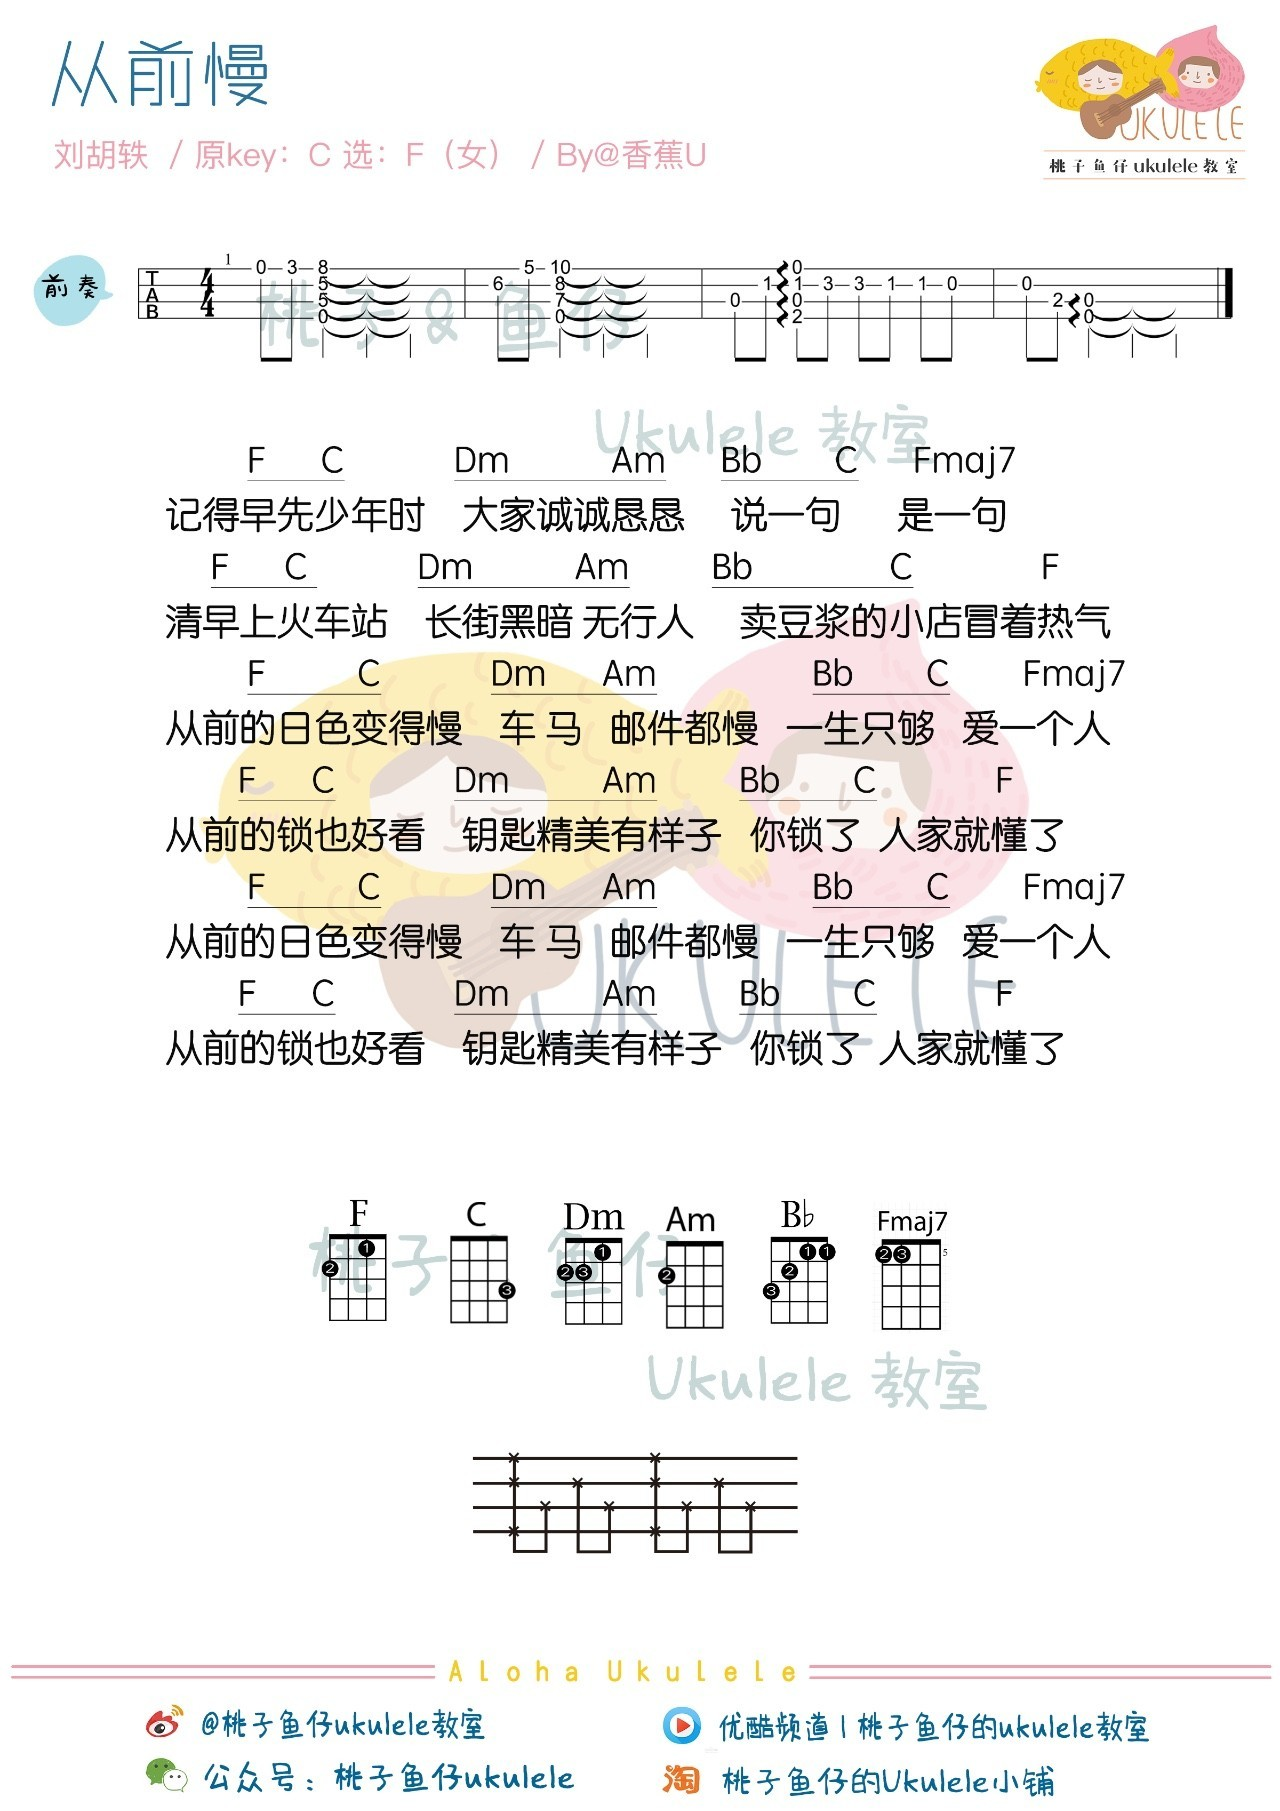 《从前慢》ukulele谱女生版